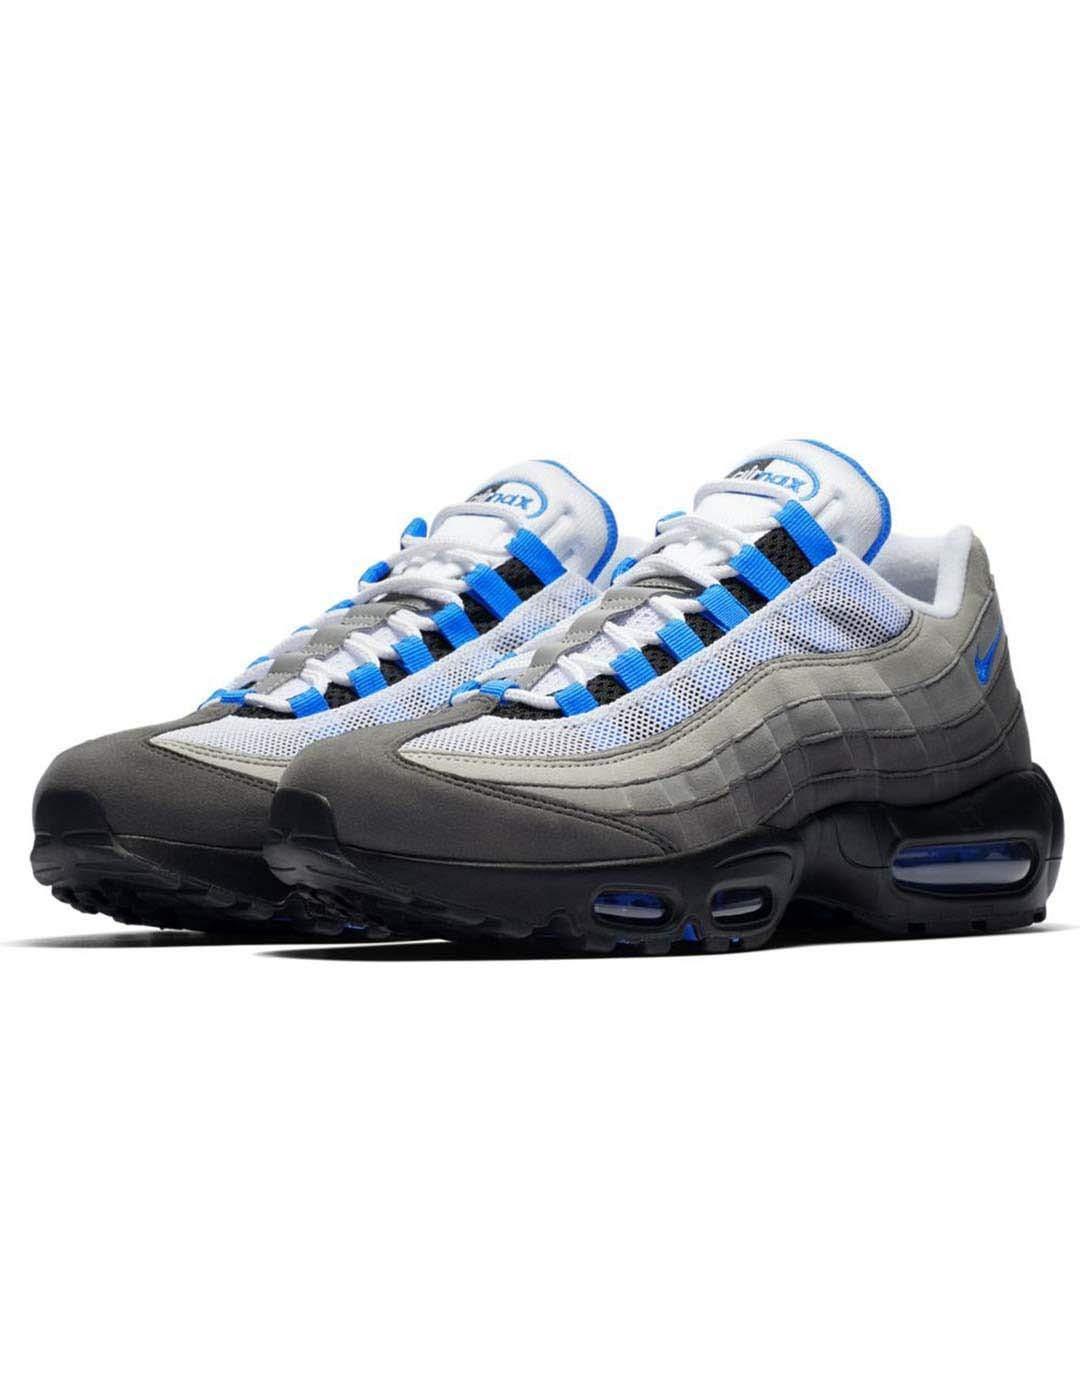 Nike Air Max 95 609048-088